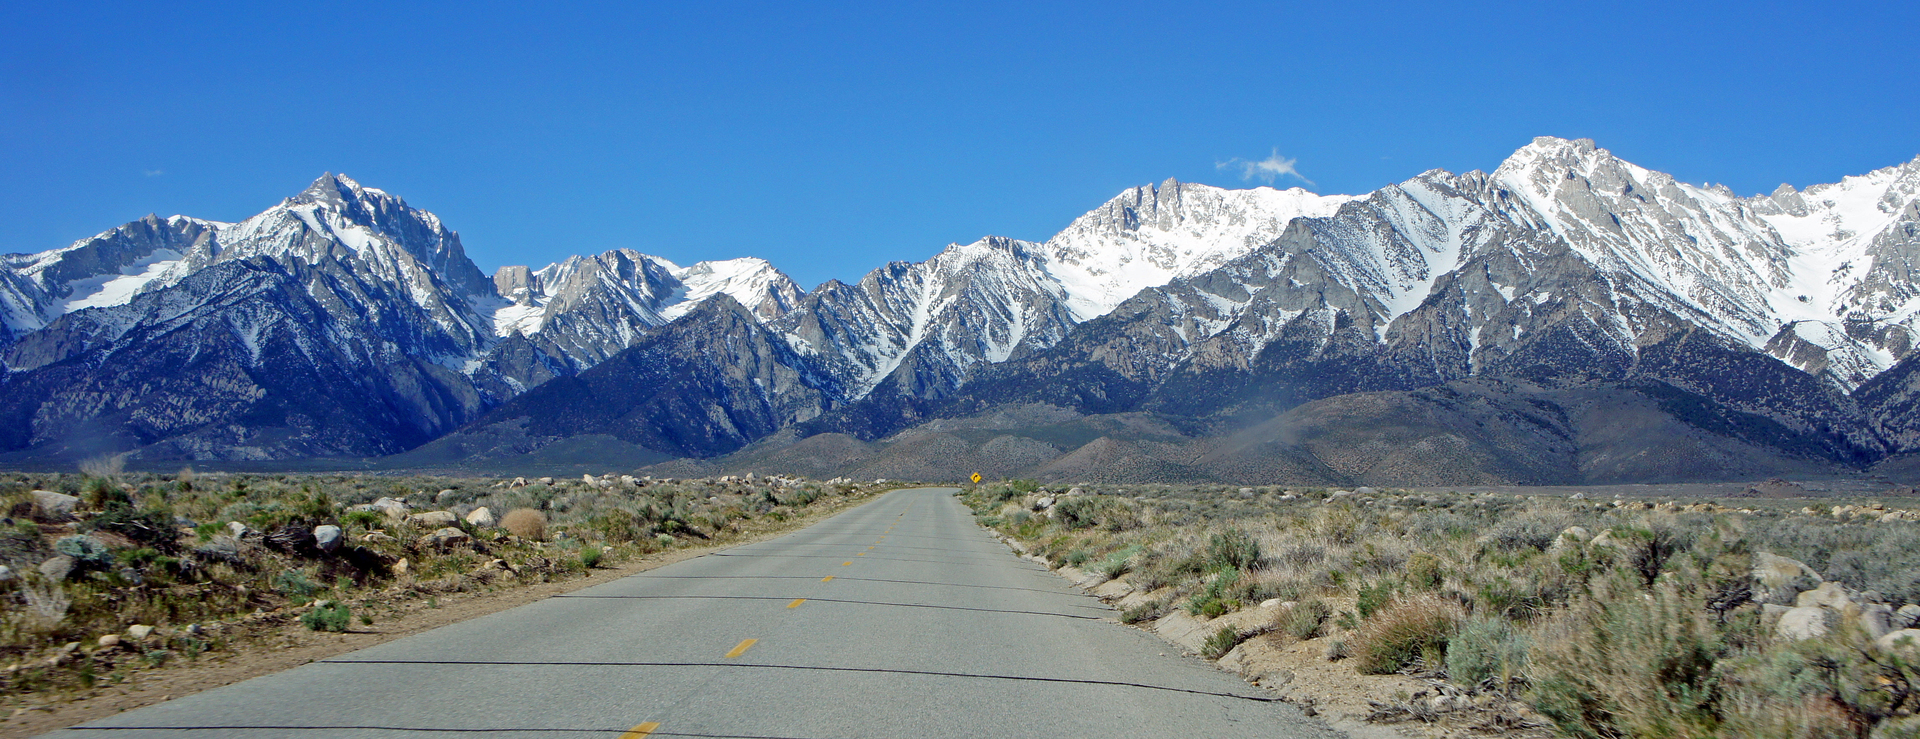 approaching the Sierra escarpment